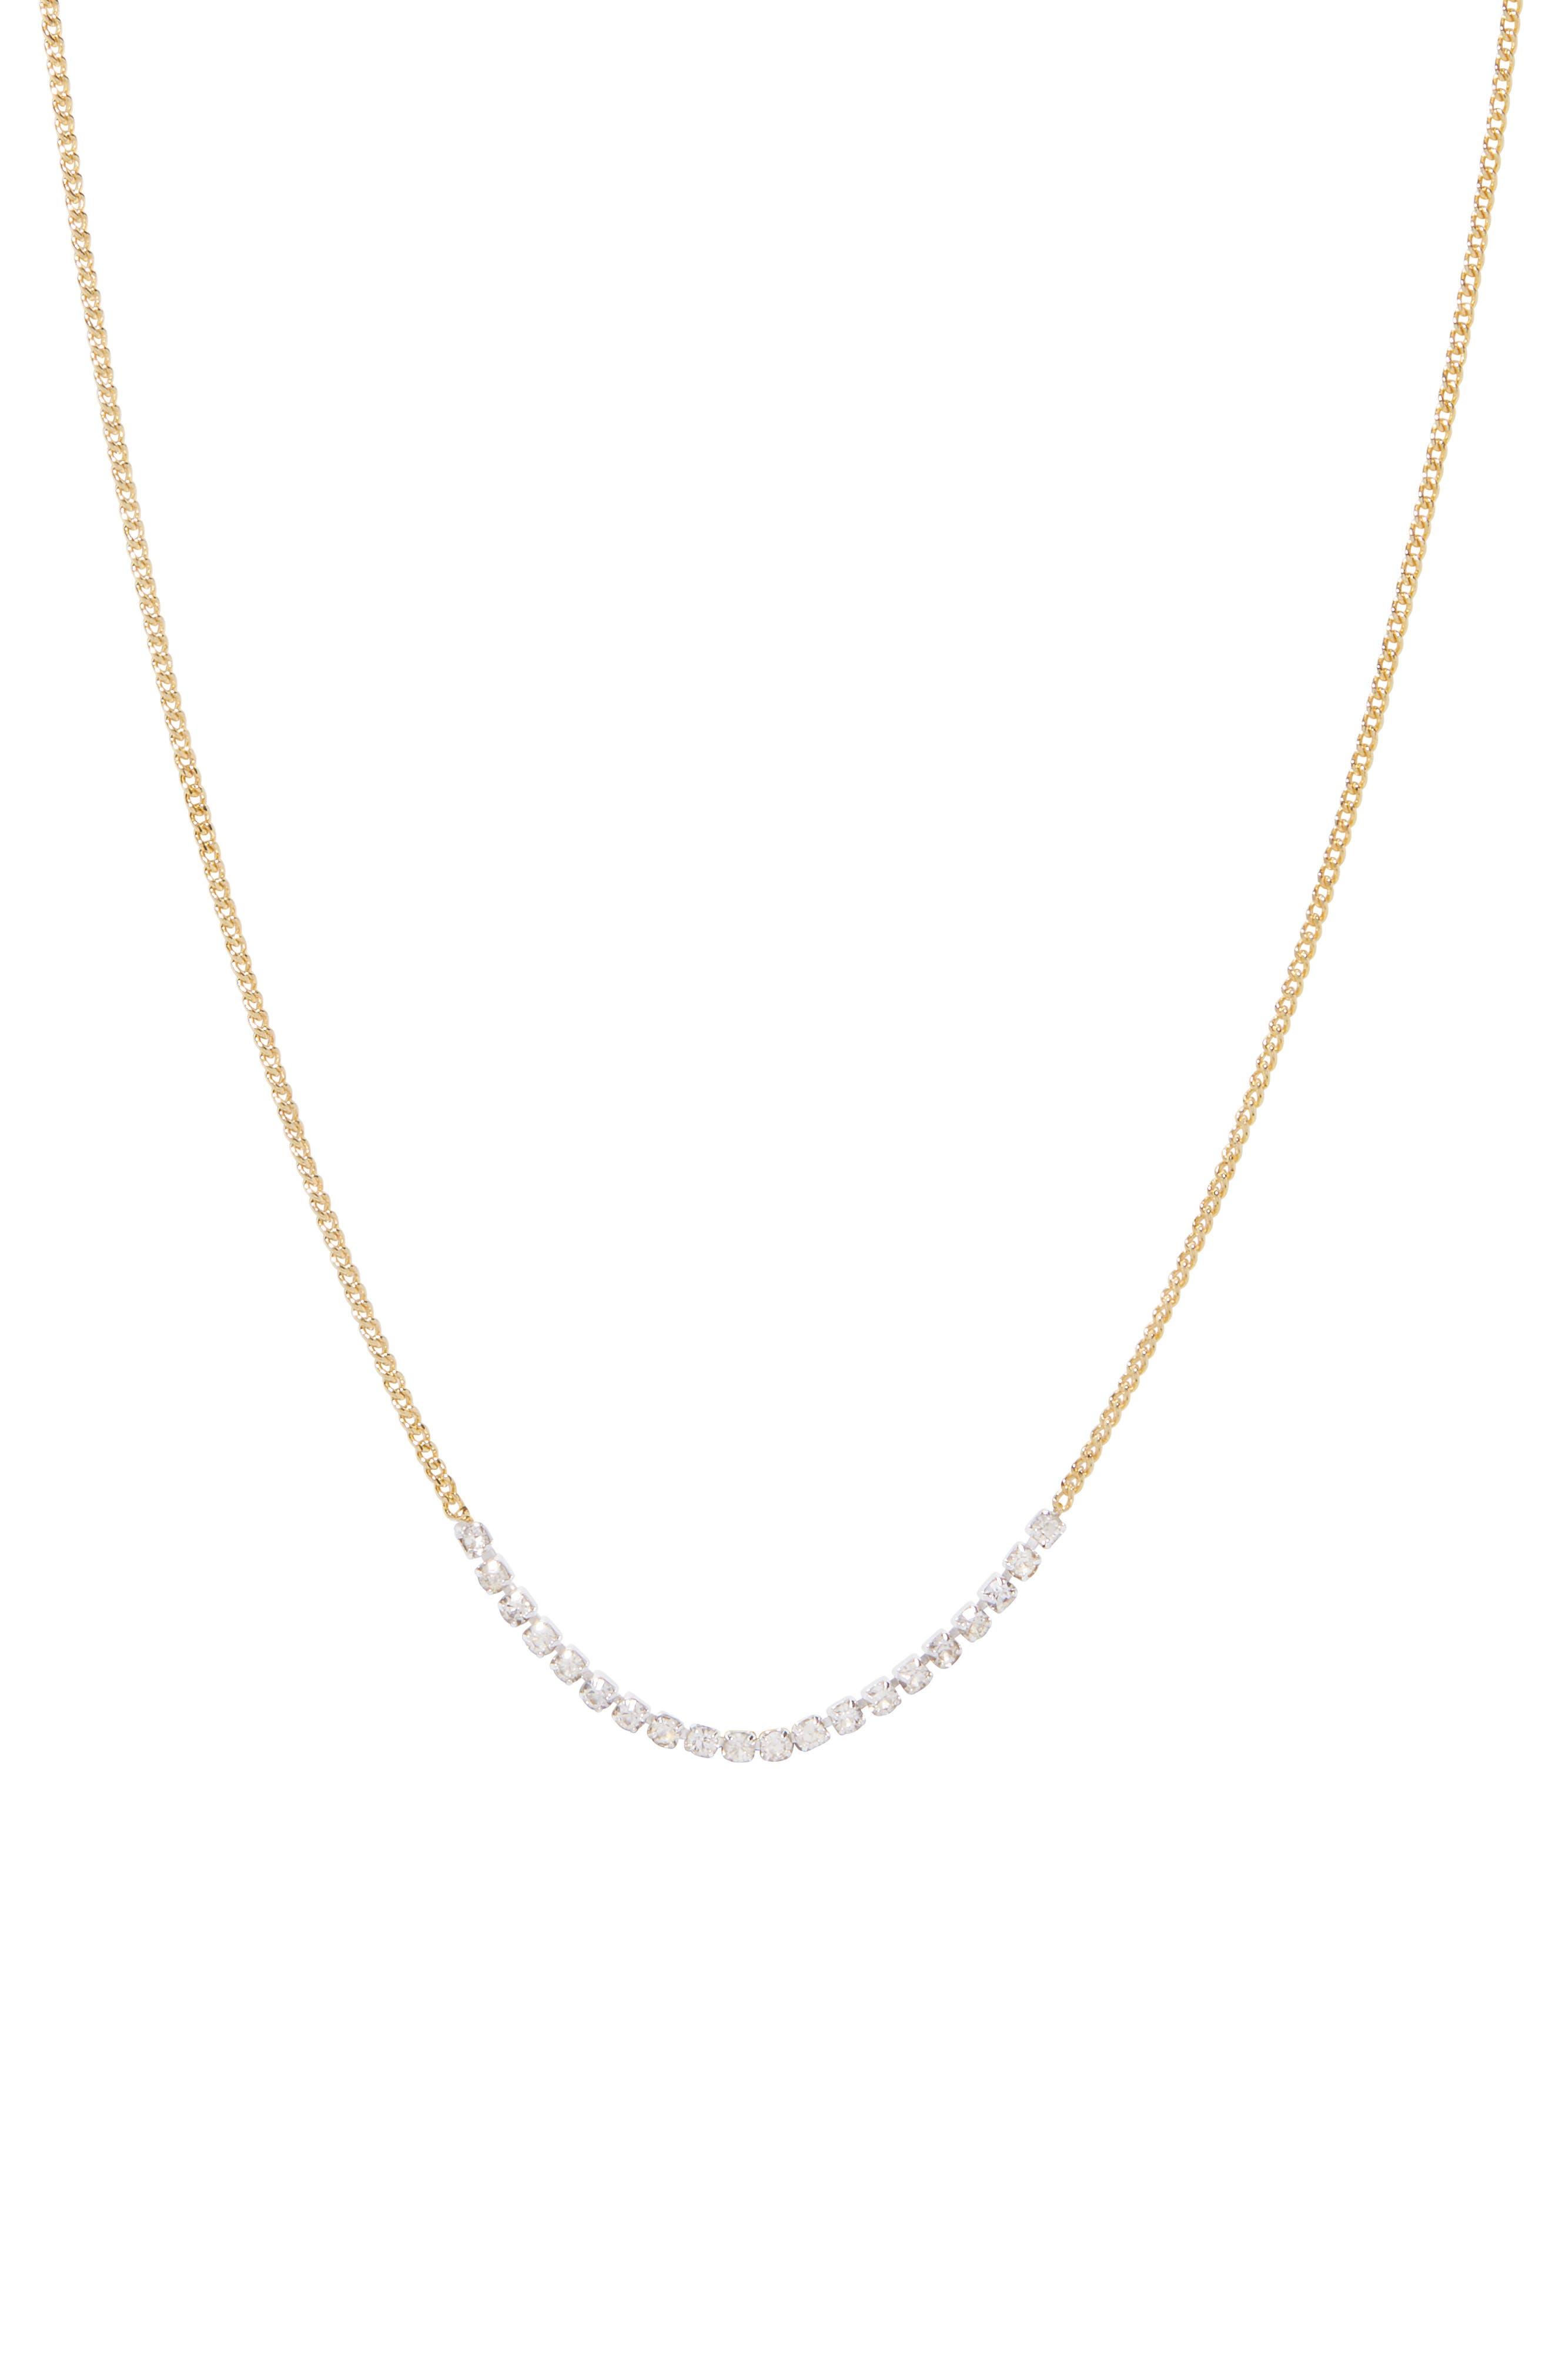 Wilder Cubic Zirconia Necklace